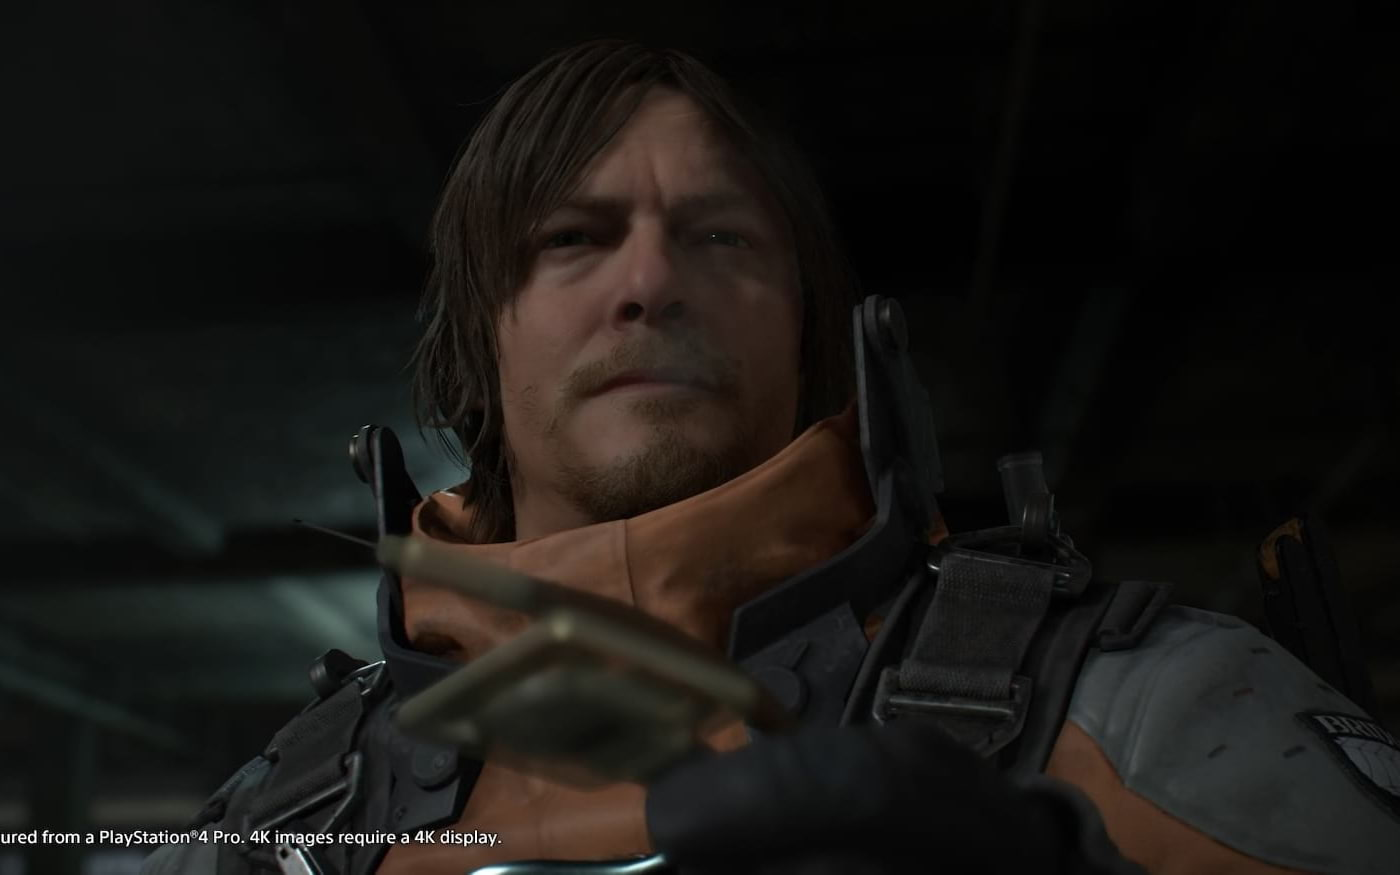 [Death Stranding] Sony Japan e estúdio Kojima Productions revelam novo trailer chamado